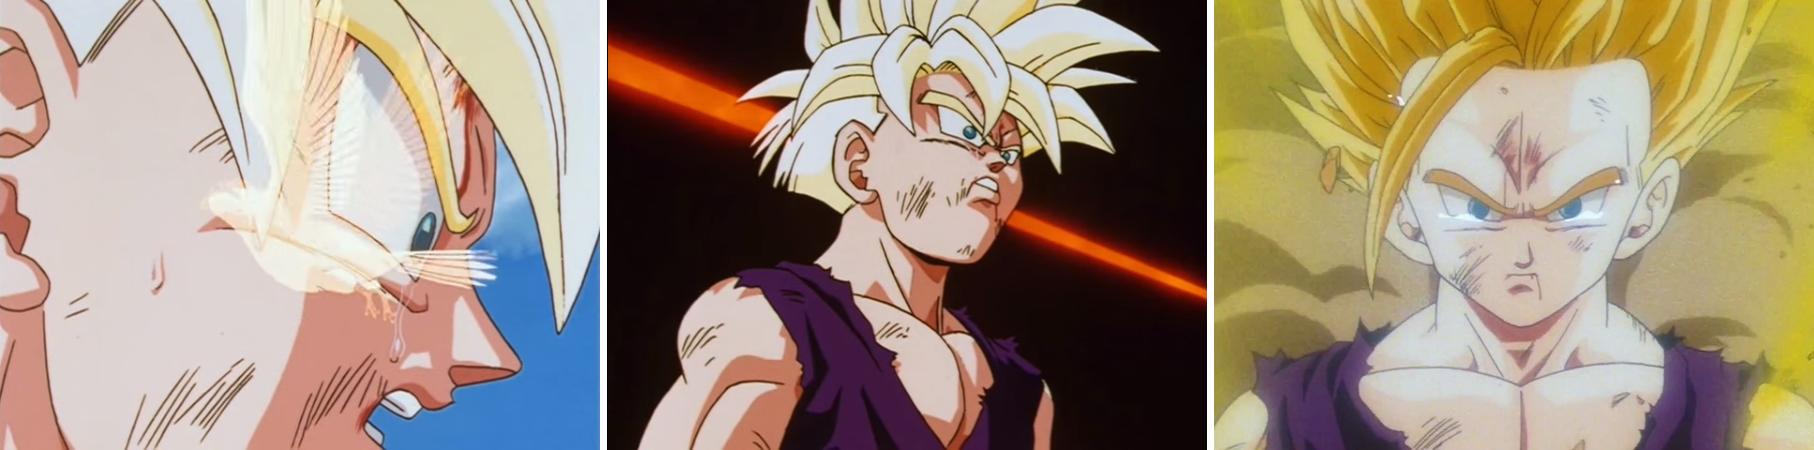 Transformation de Son Gohan en Super Saiyan 2 dans l'épisode 184